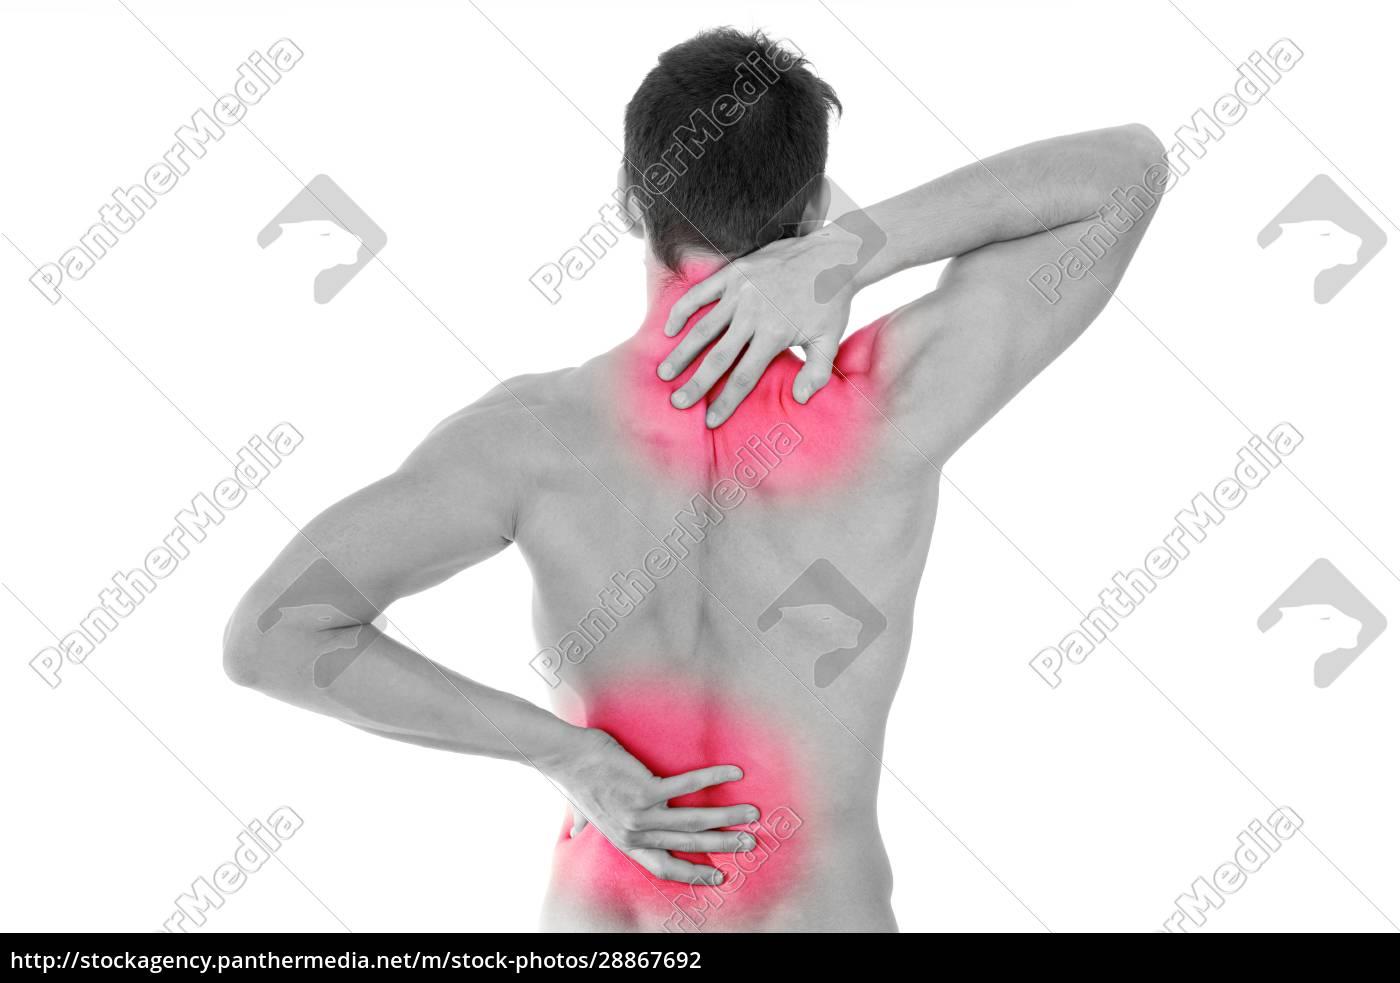 powrót, w, bólu - 28867692